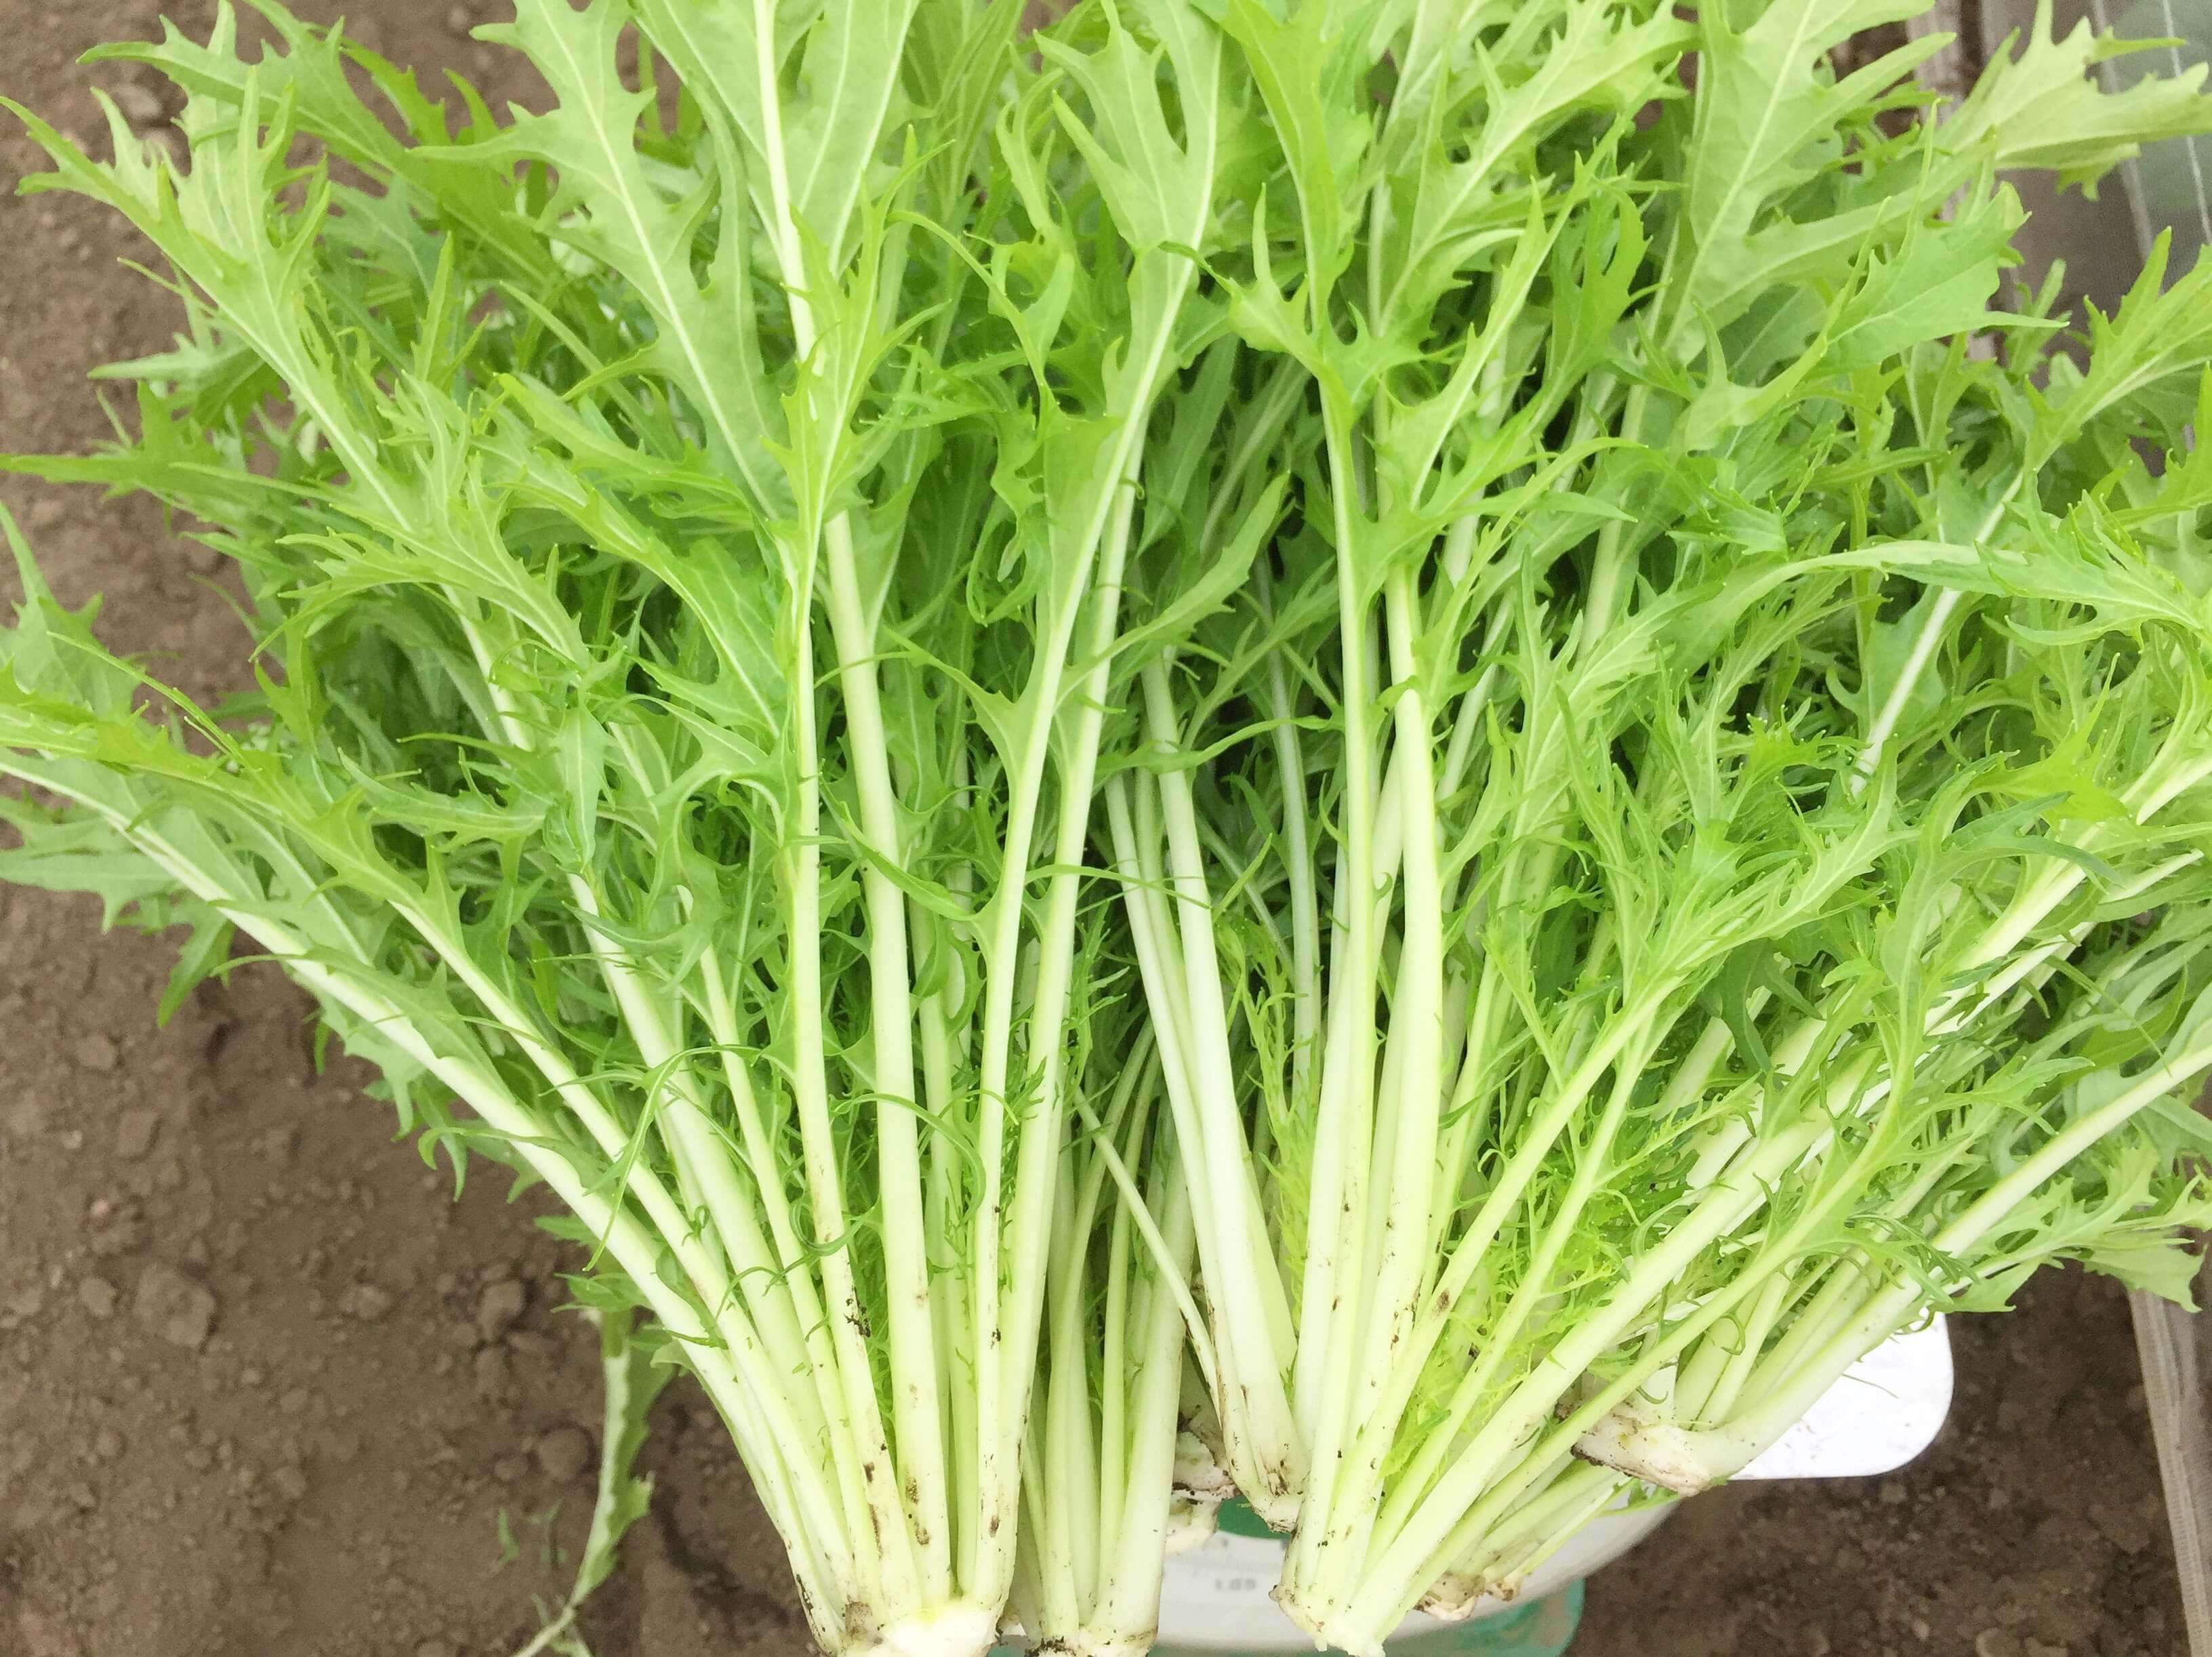 春の葉物野菜の特徴は?